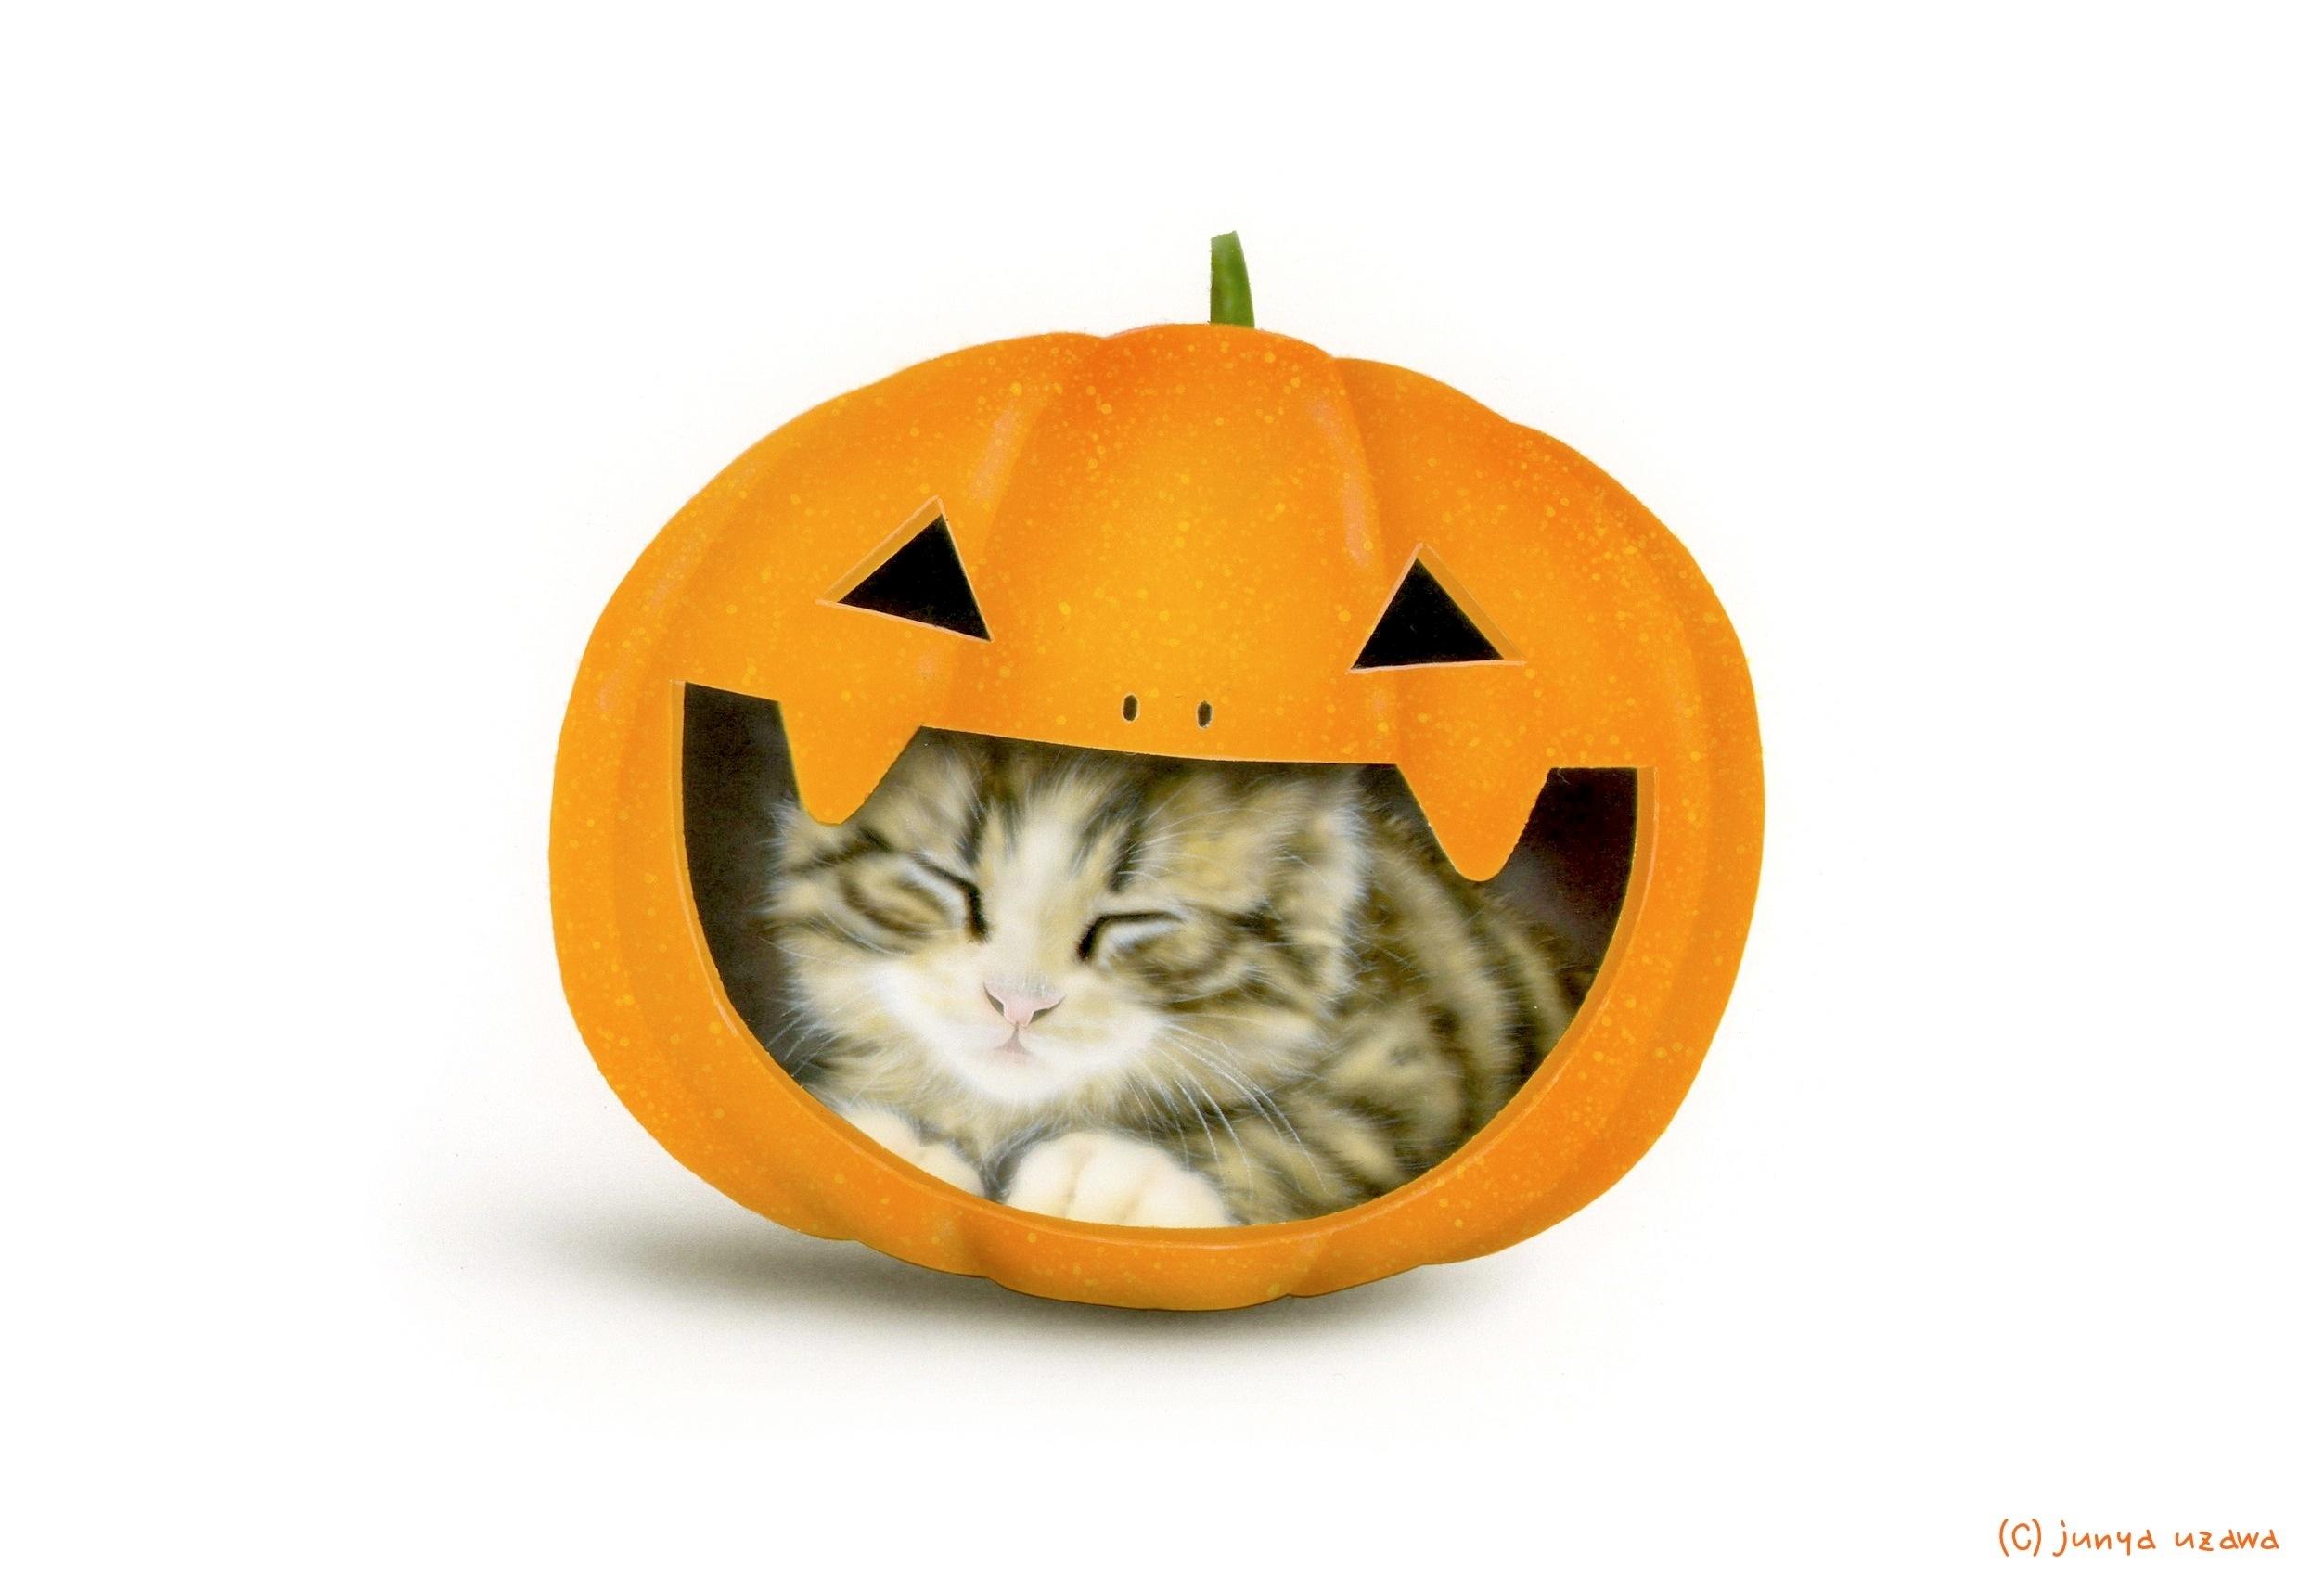 子猫の絵:Halloween Cat 2012(最近お気に入りの寝床)